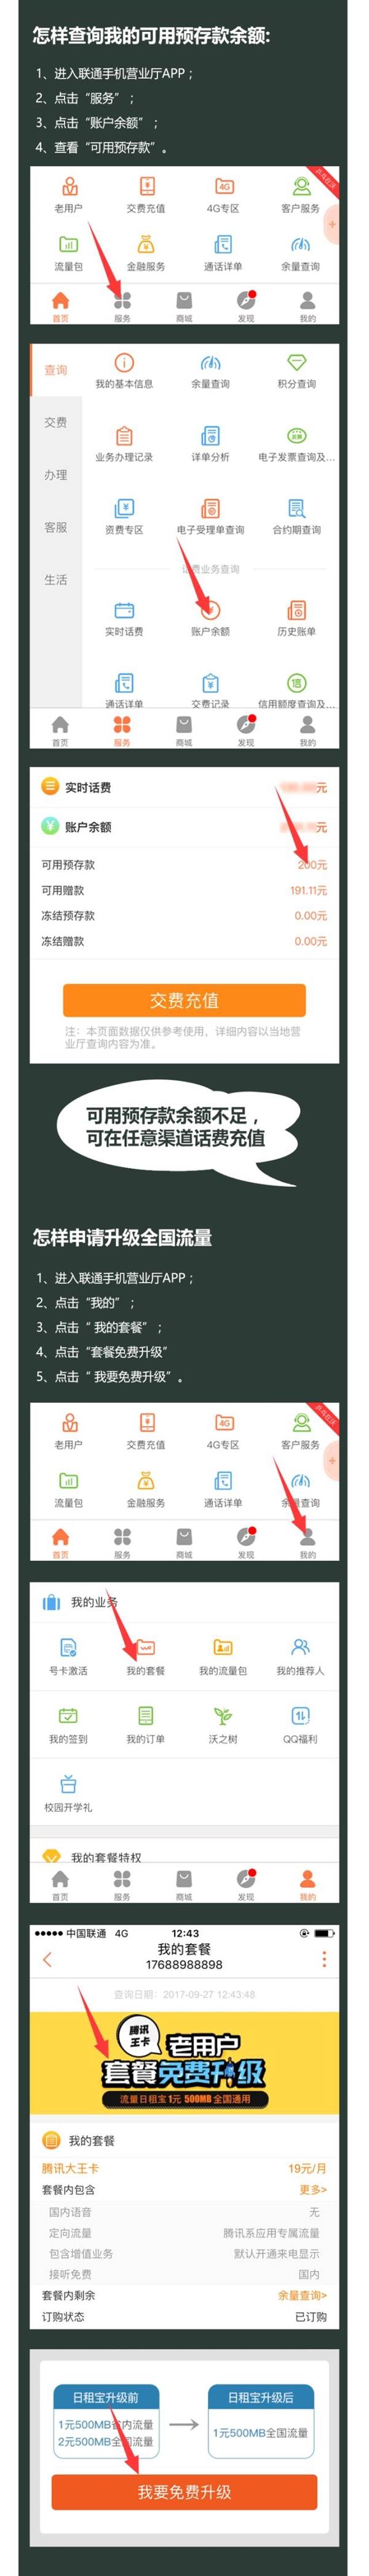 腾讯王卡福利:免费升级1元500MB全国流量